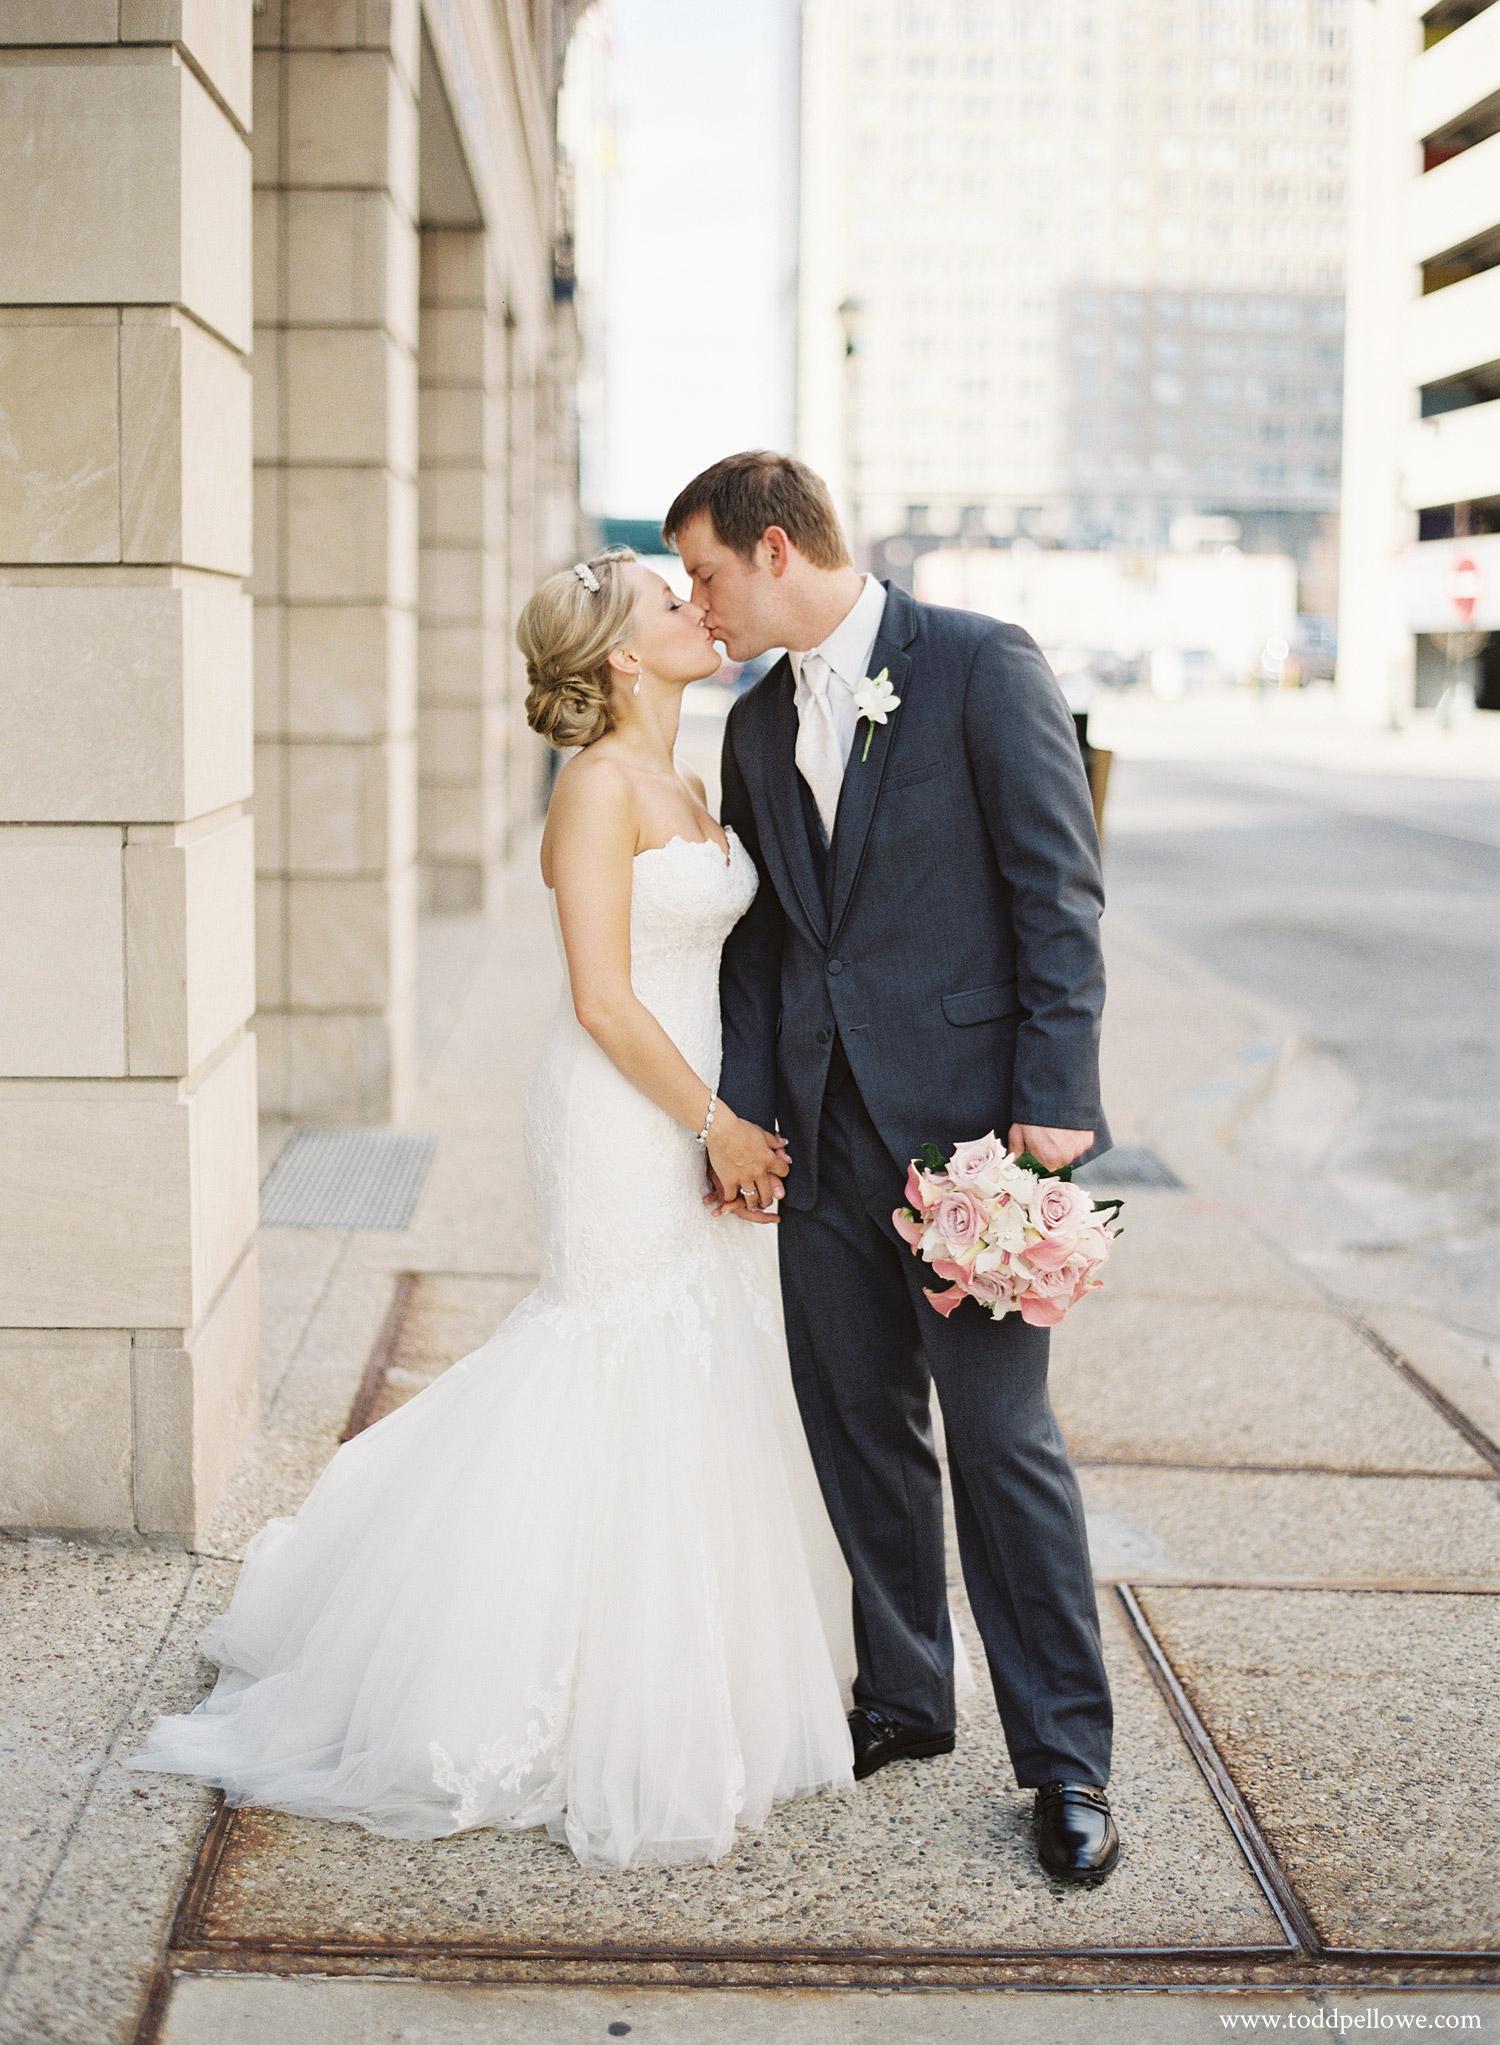 19-ashley-brian-brohm-louisville-wedding-004.jpg